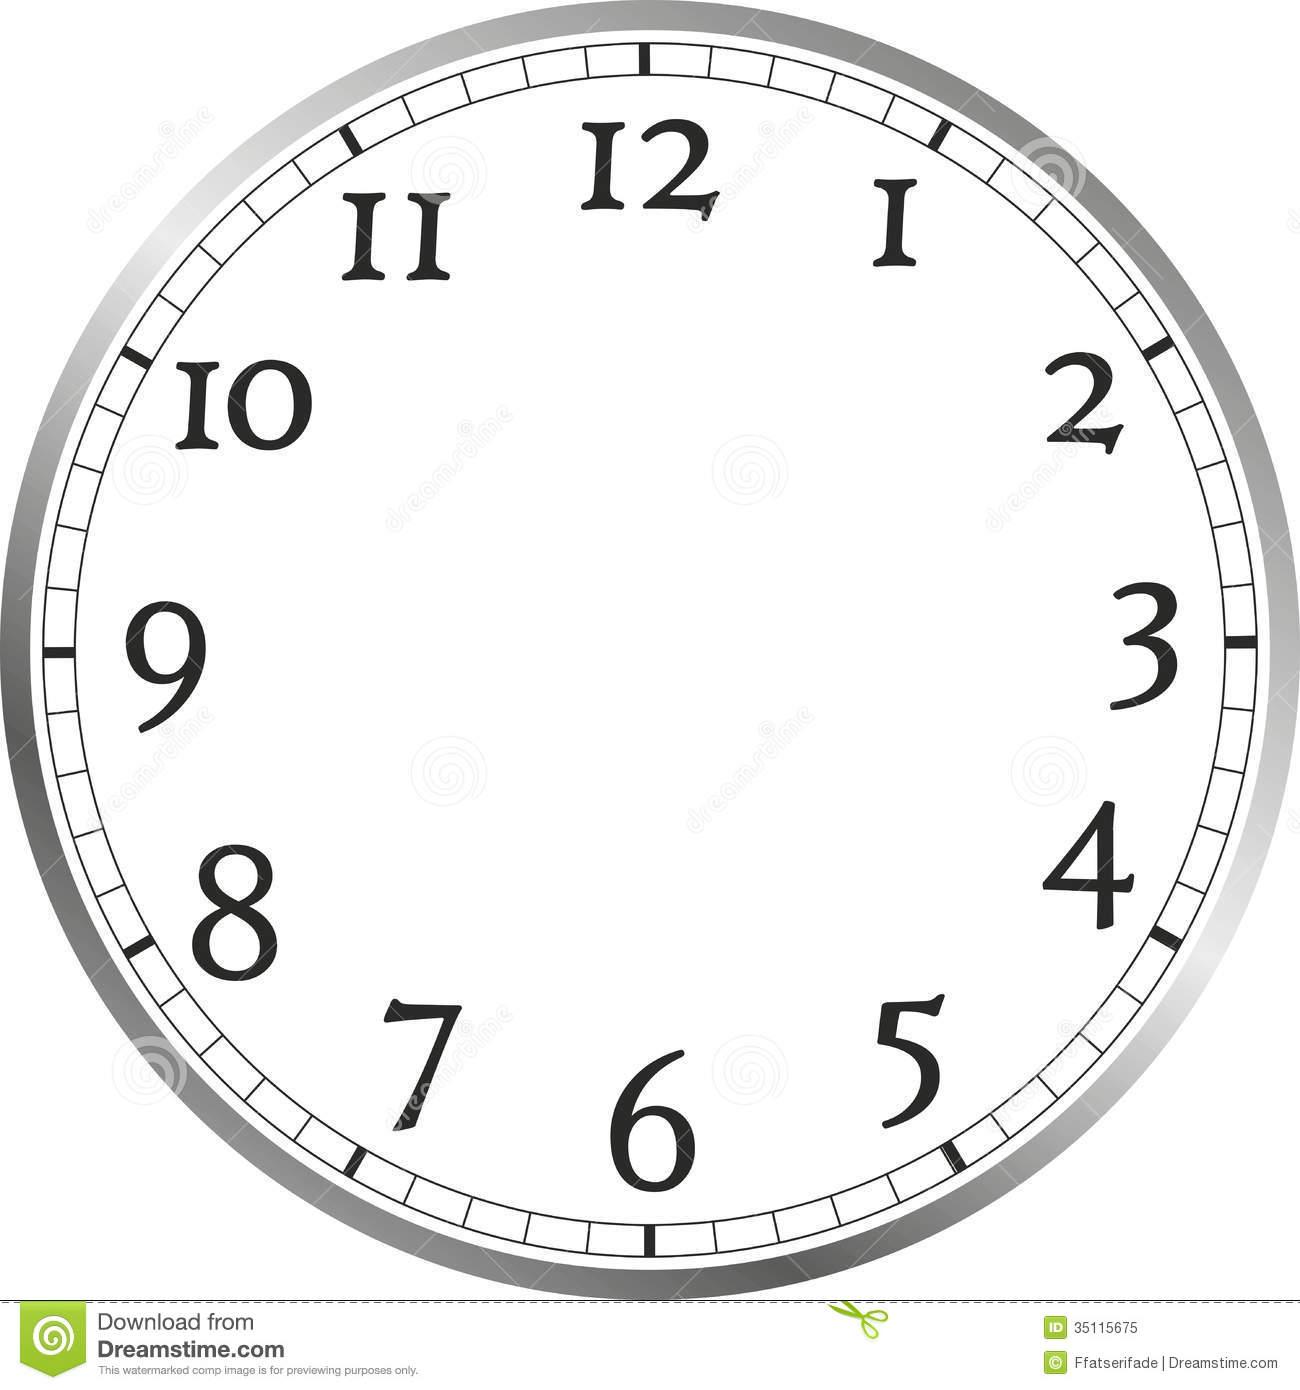 Часы из картона своими руками шаблон